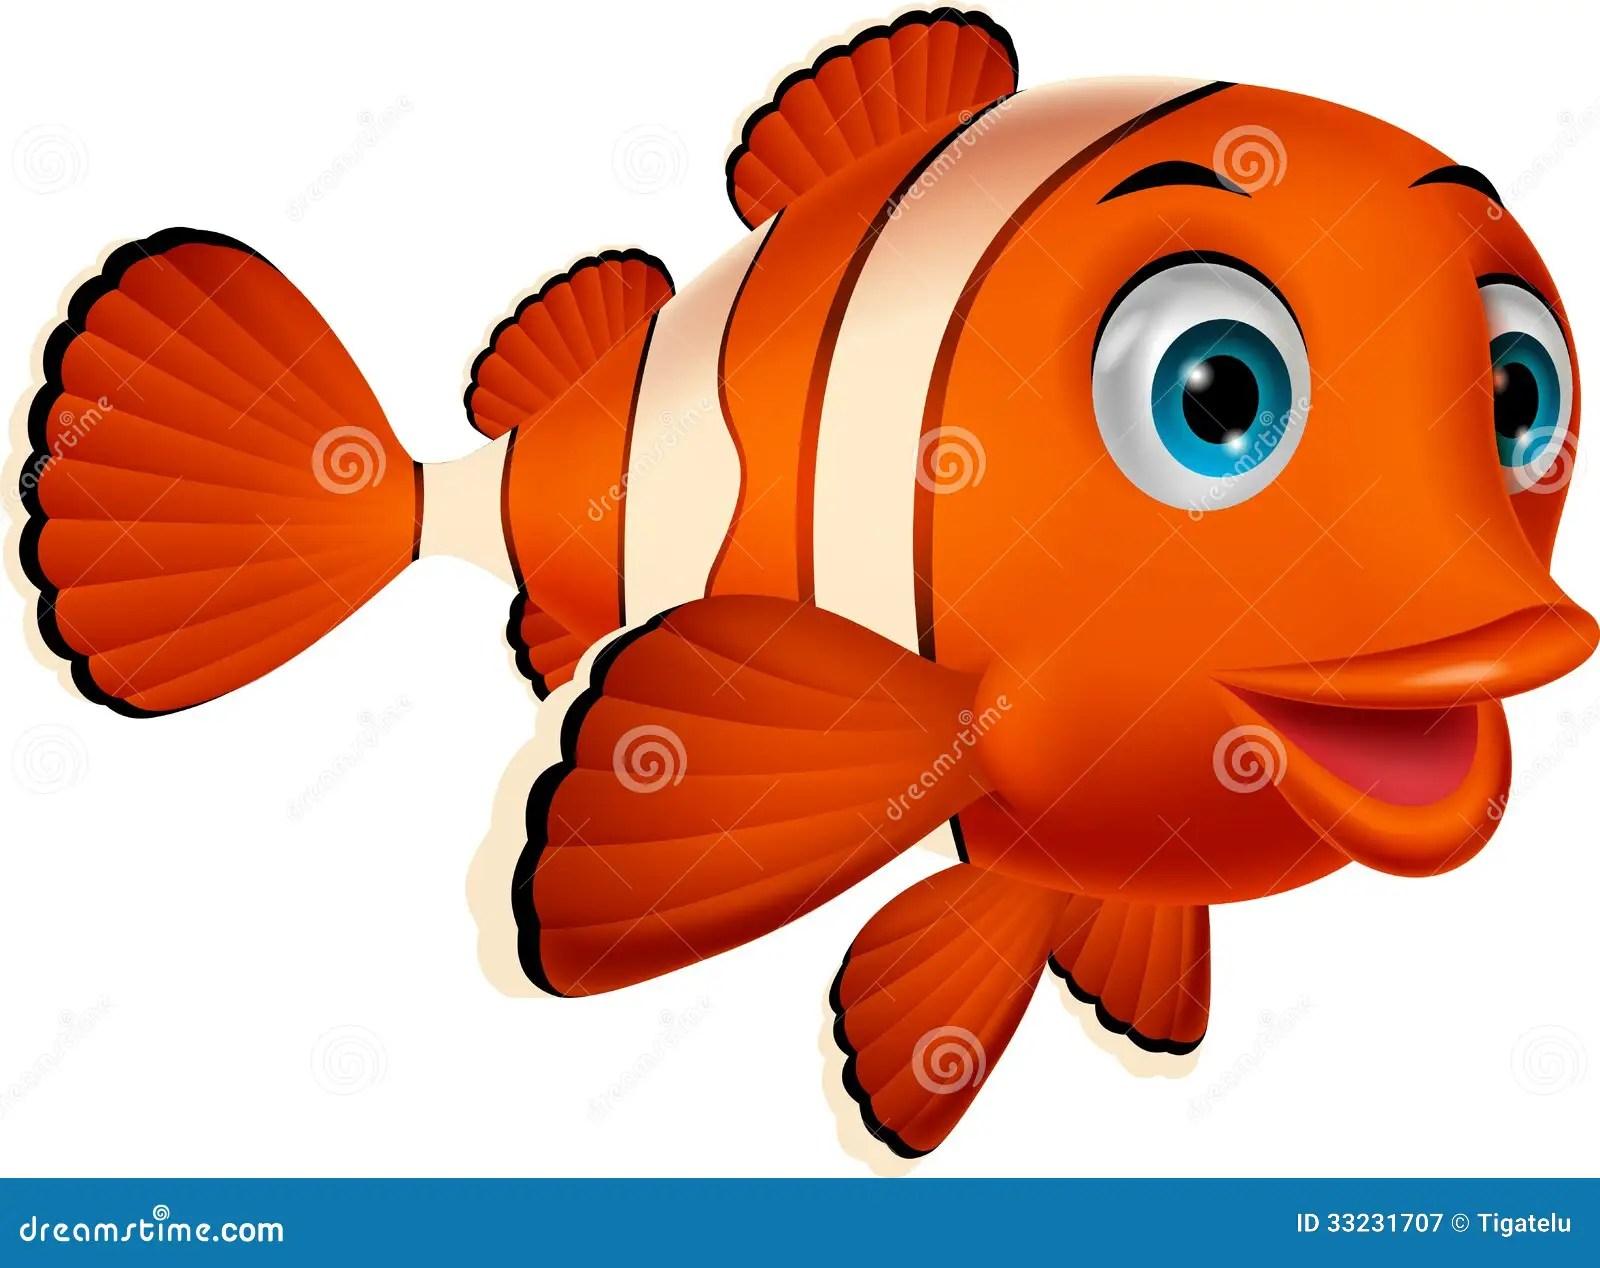 Cartoon Clown Fish Coloring